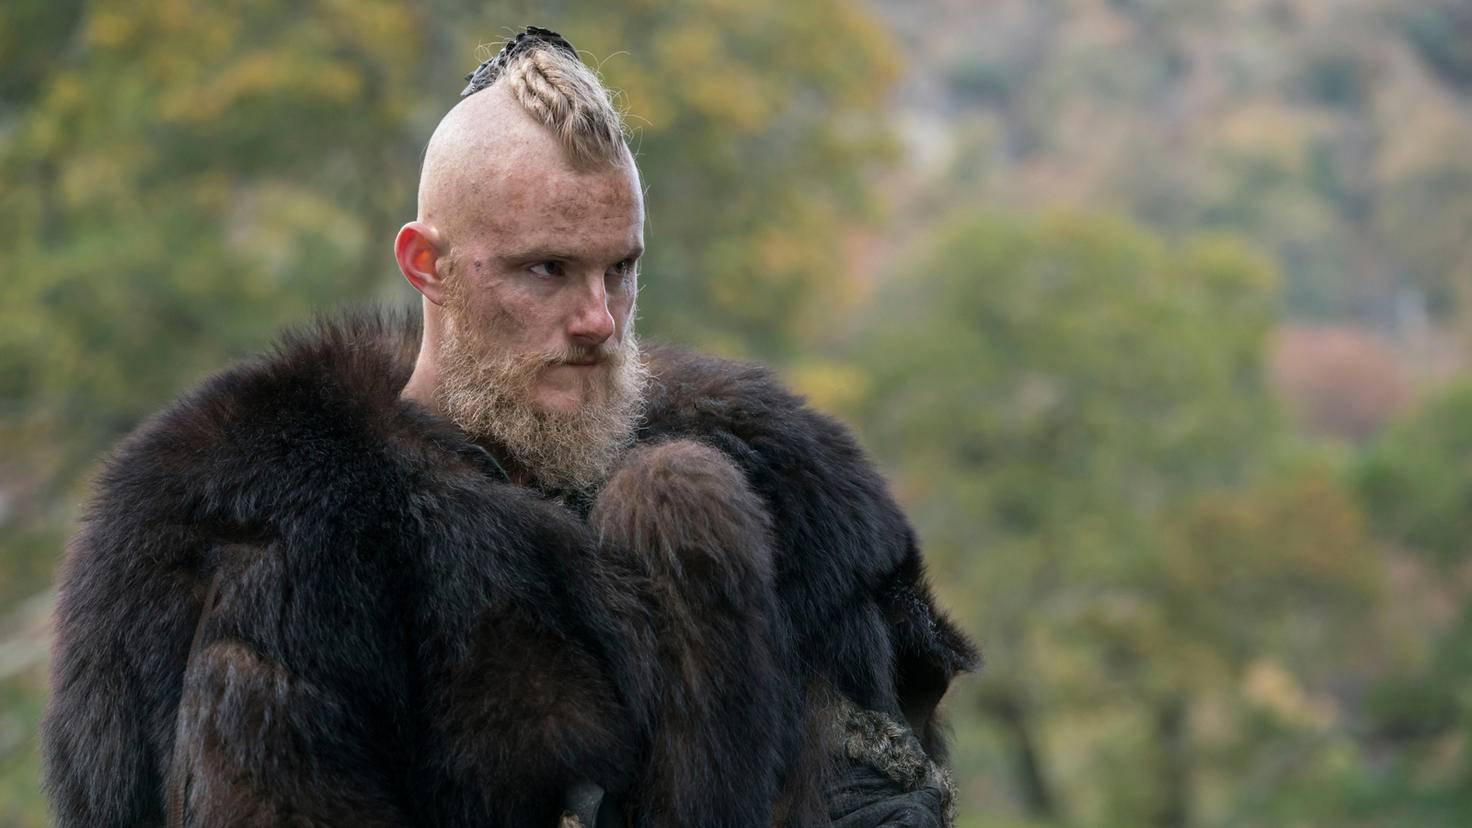 Schauspieler Von Vikings